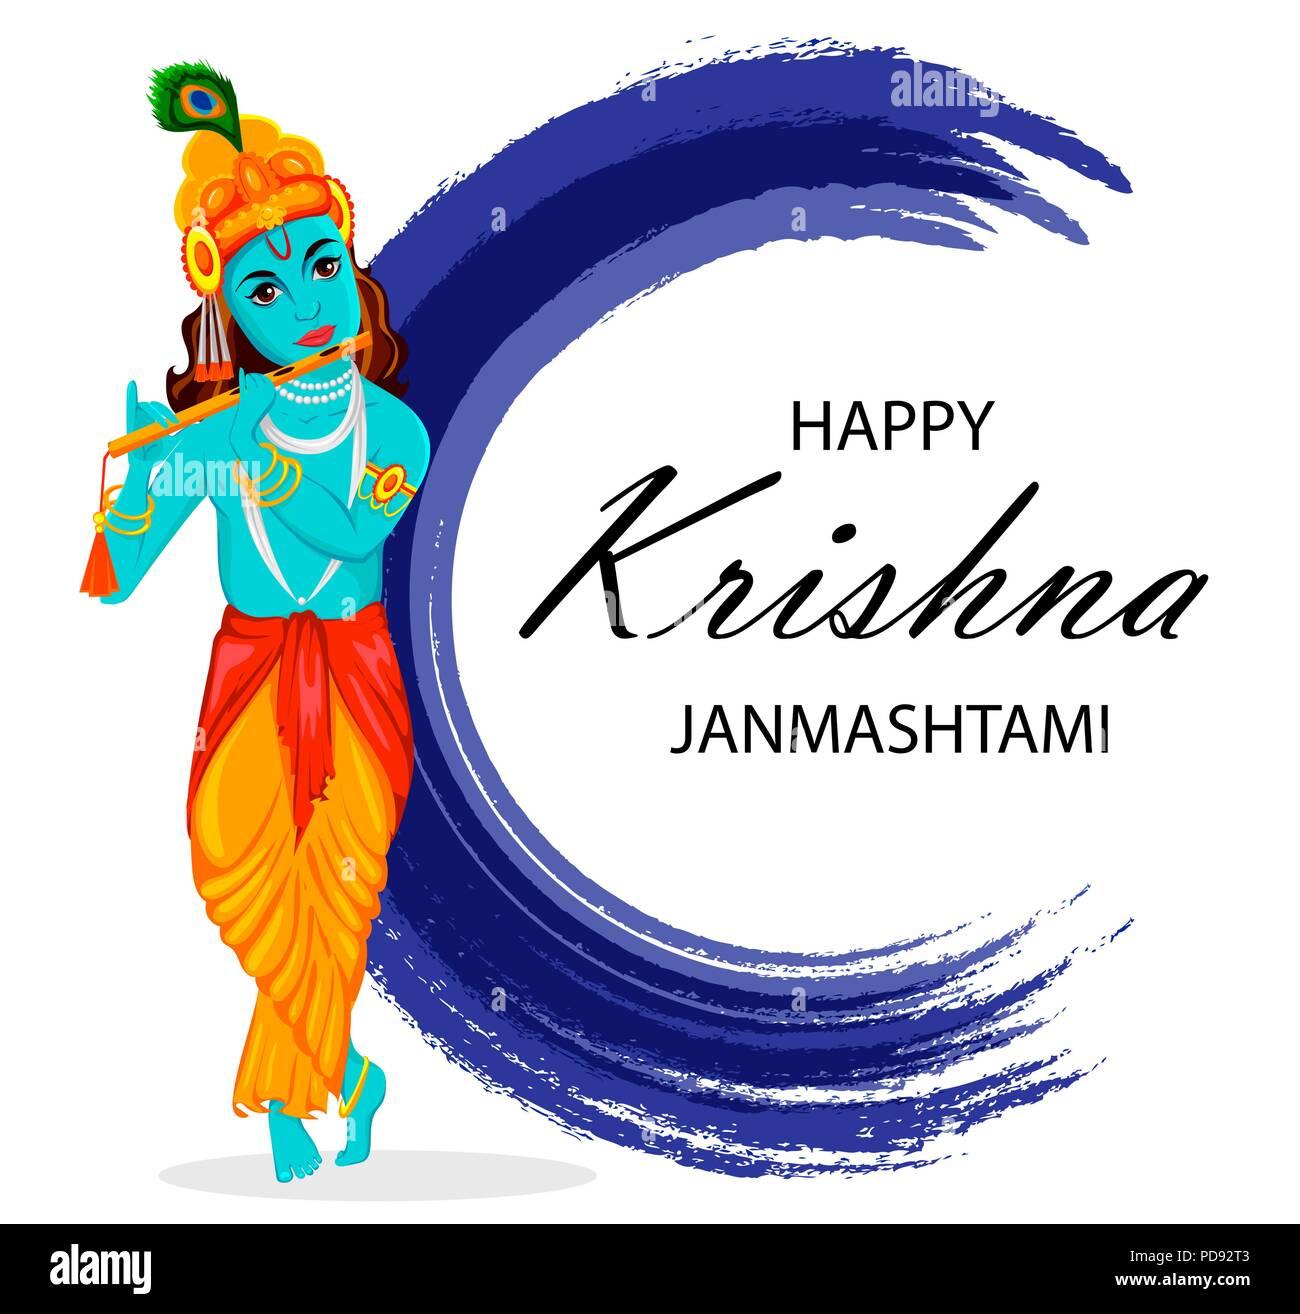 Happy Krishna Janmashtami Greeting Card Lord Krishna Indian